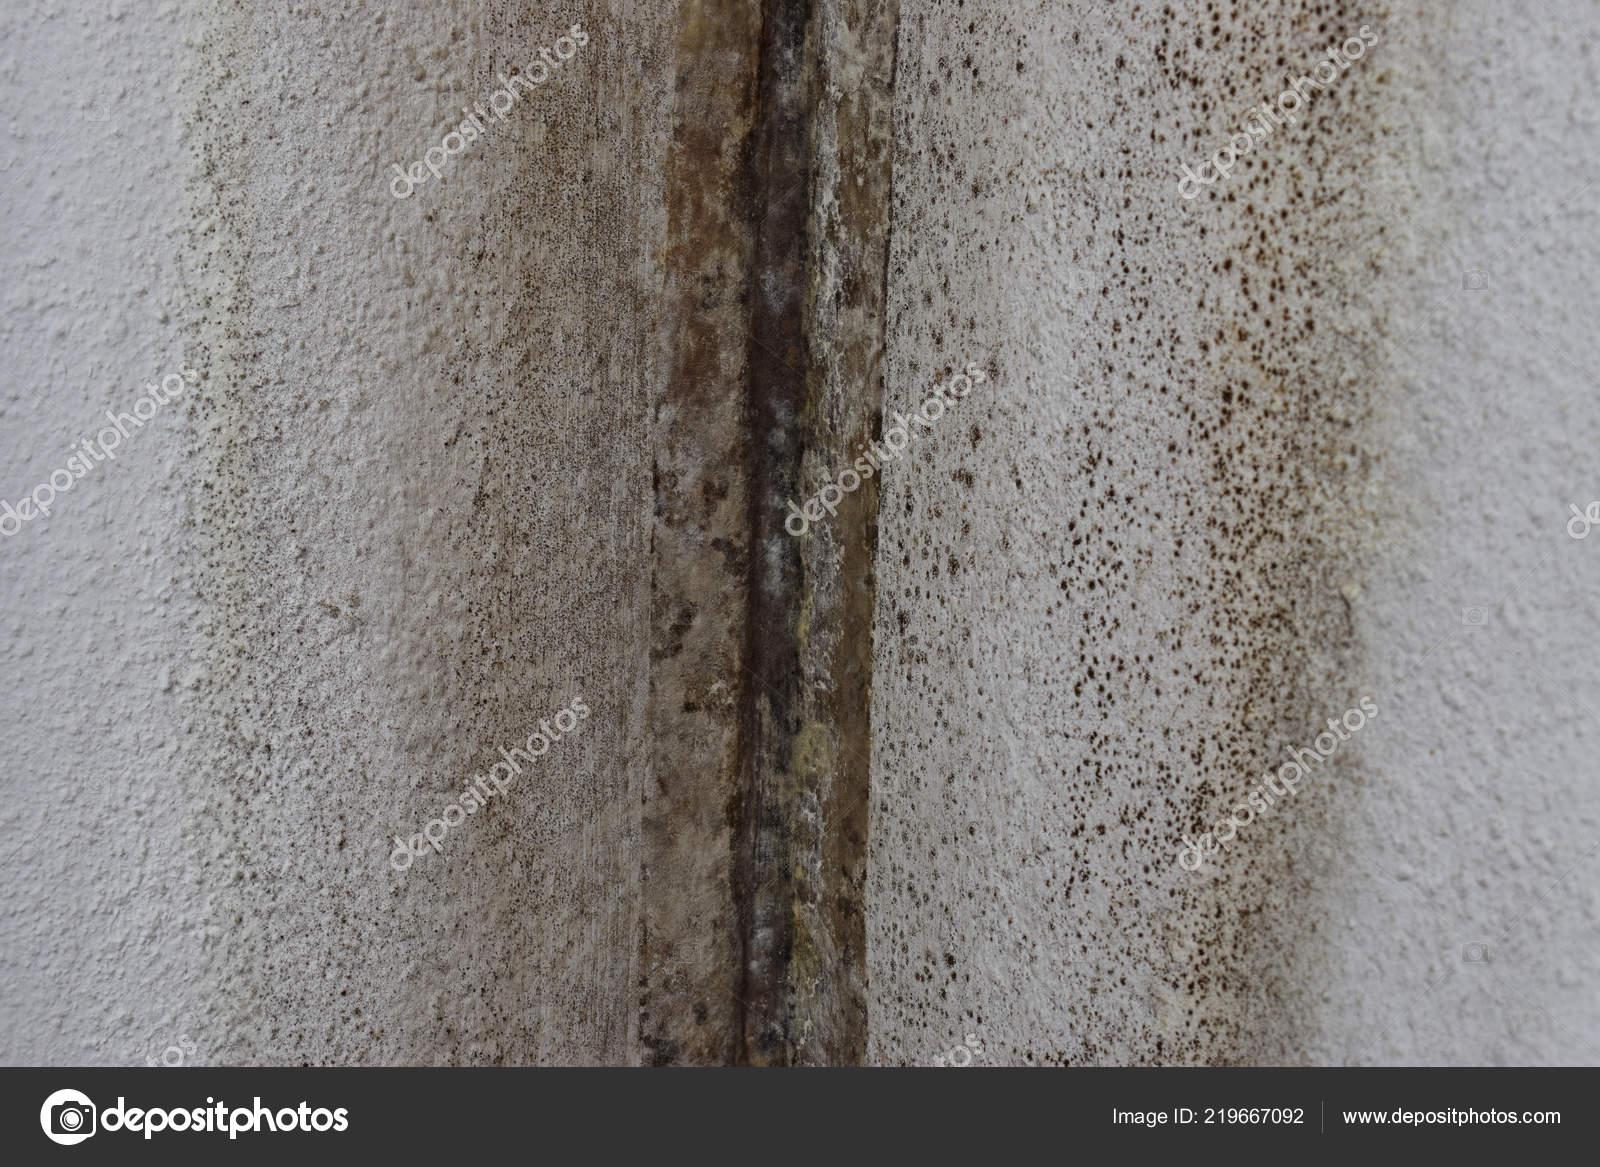 Beliebt Dem Haus Pilz Der Wand Vor Feuchtigkeit Reparieren — Stockfoto RV12